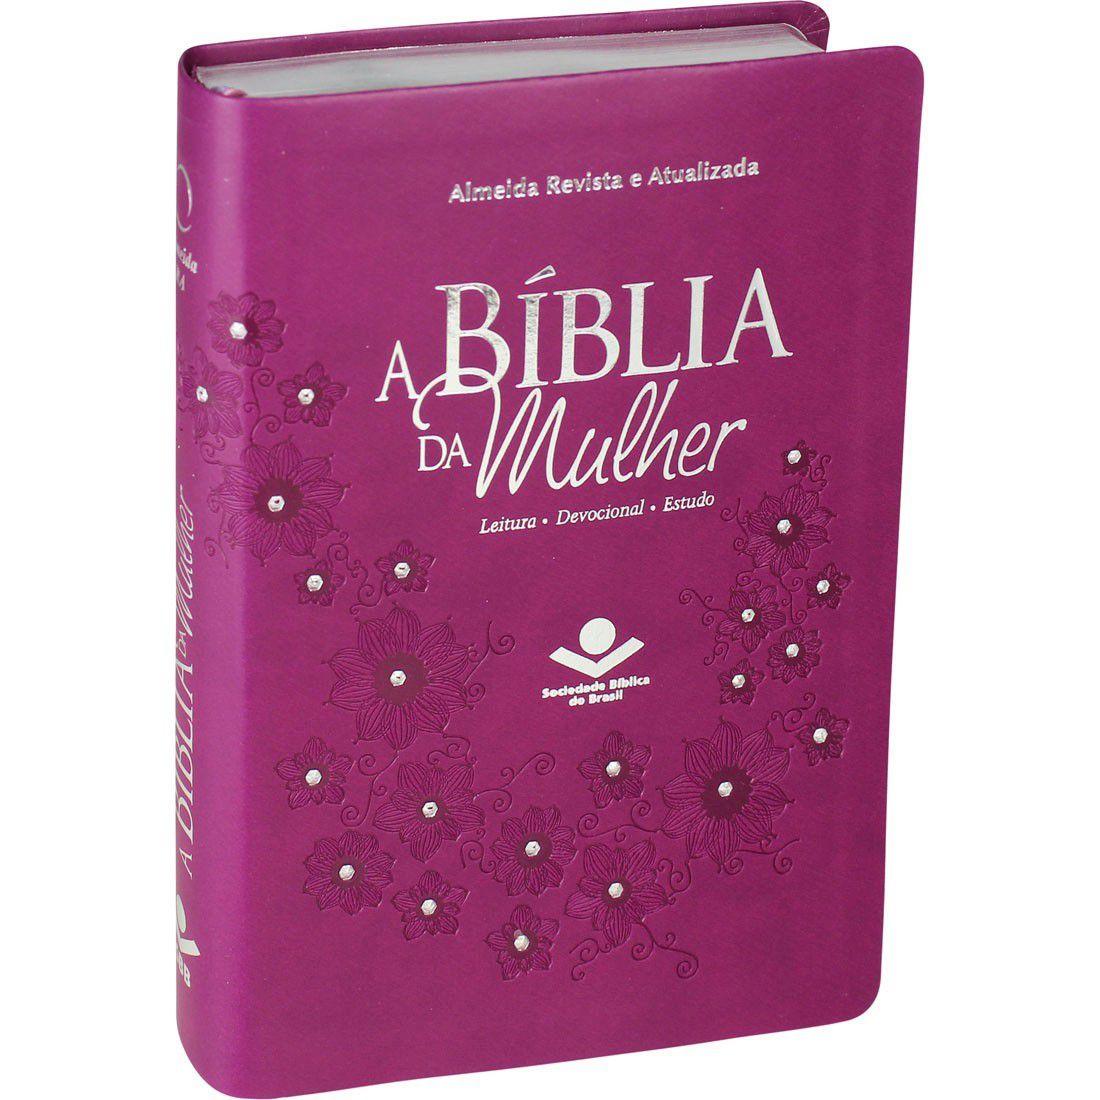 A Bíblia da Mulher Média RA